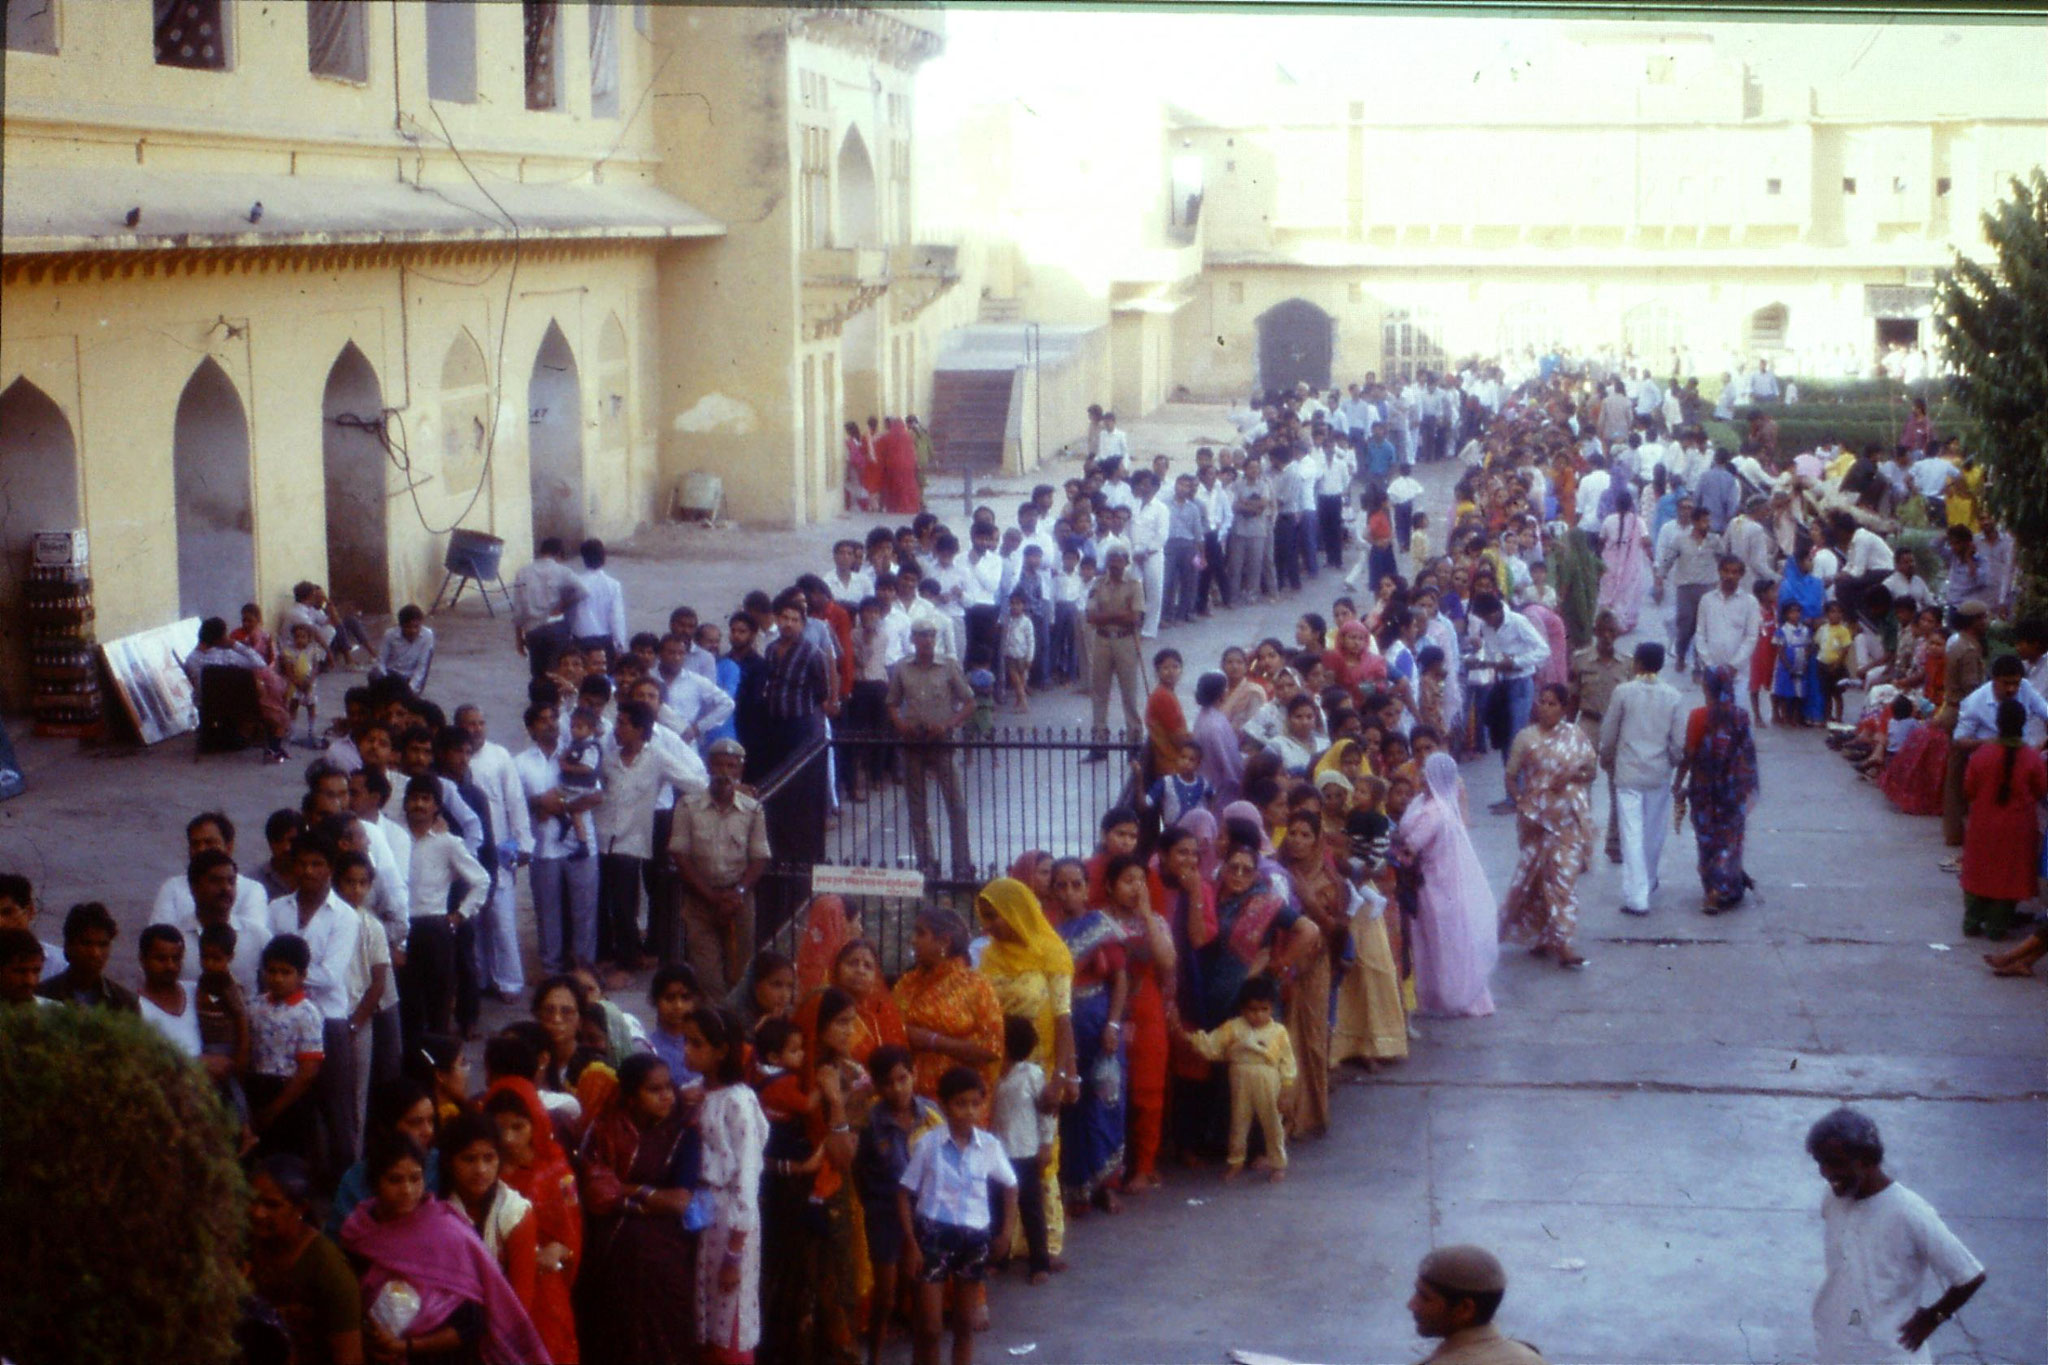 109/21: 3/4/1990 Jaipur/Amber  - pilgrims queuing